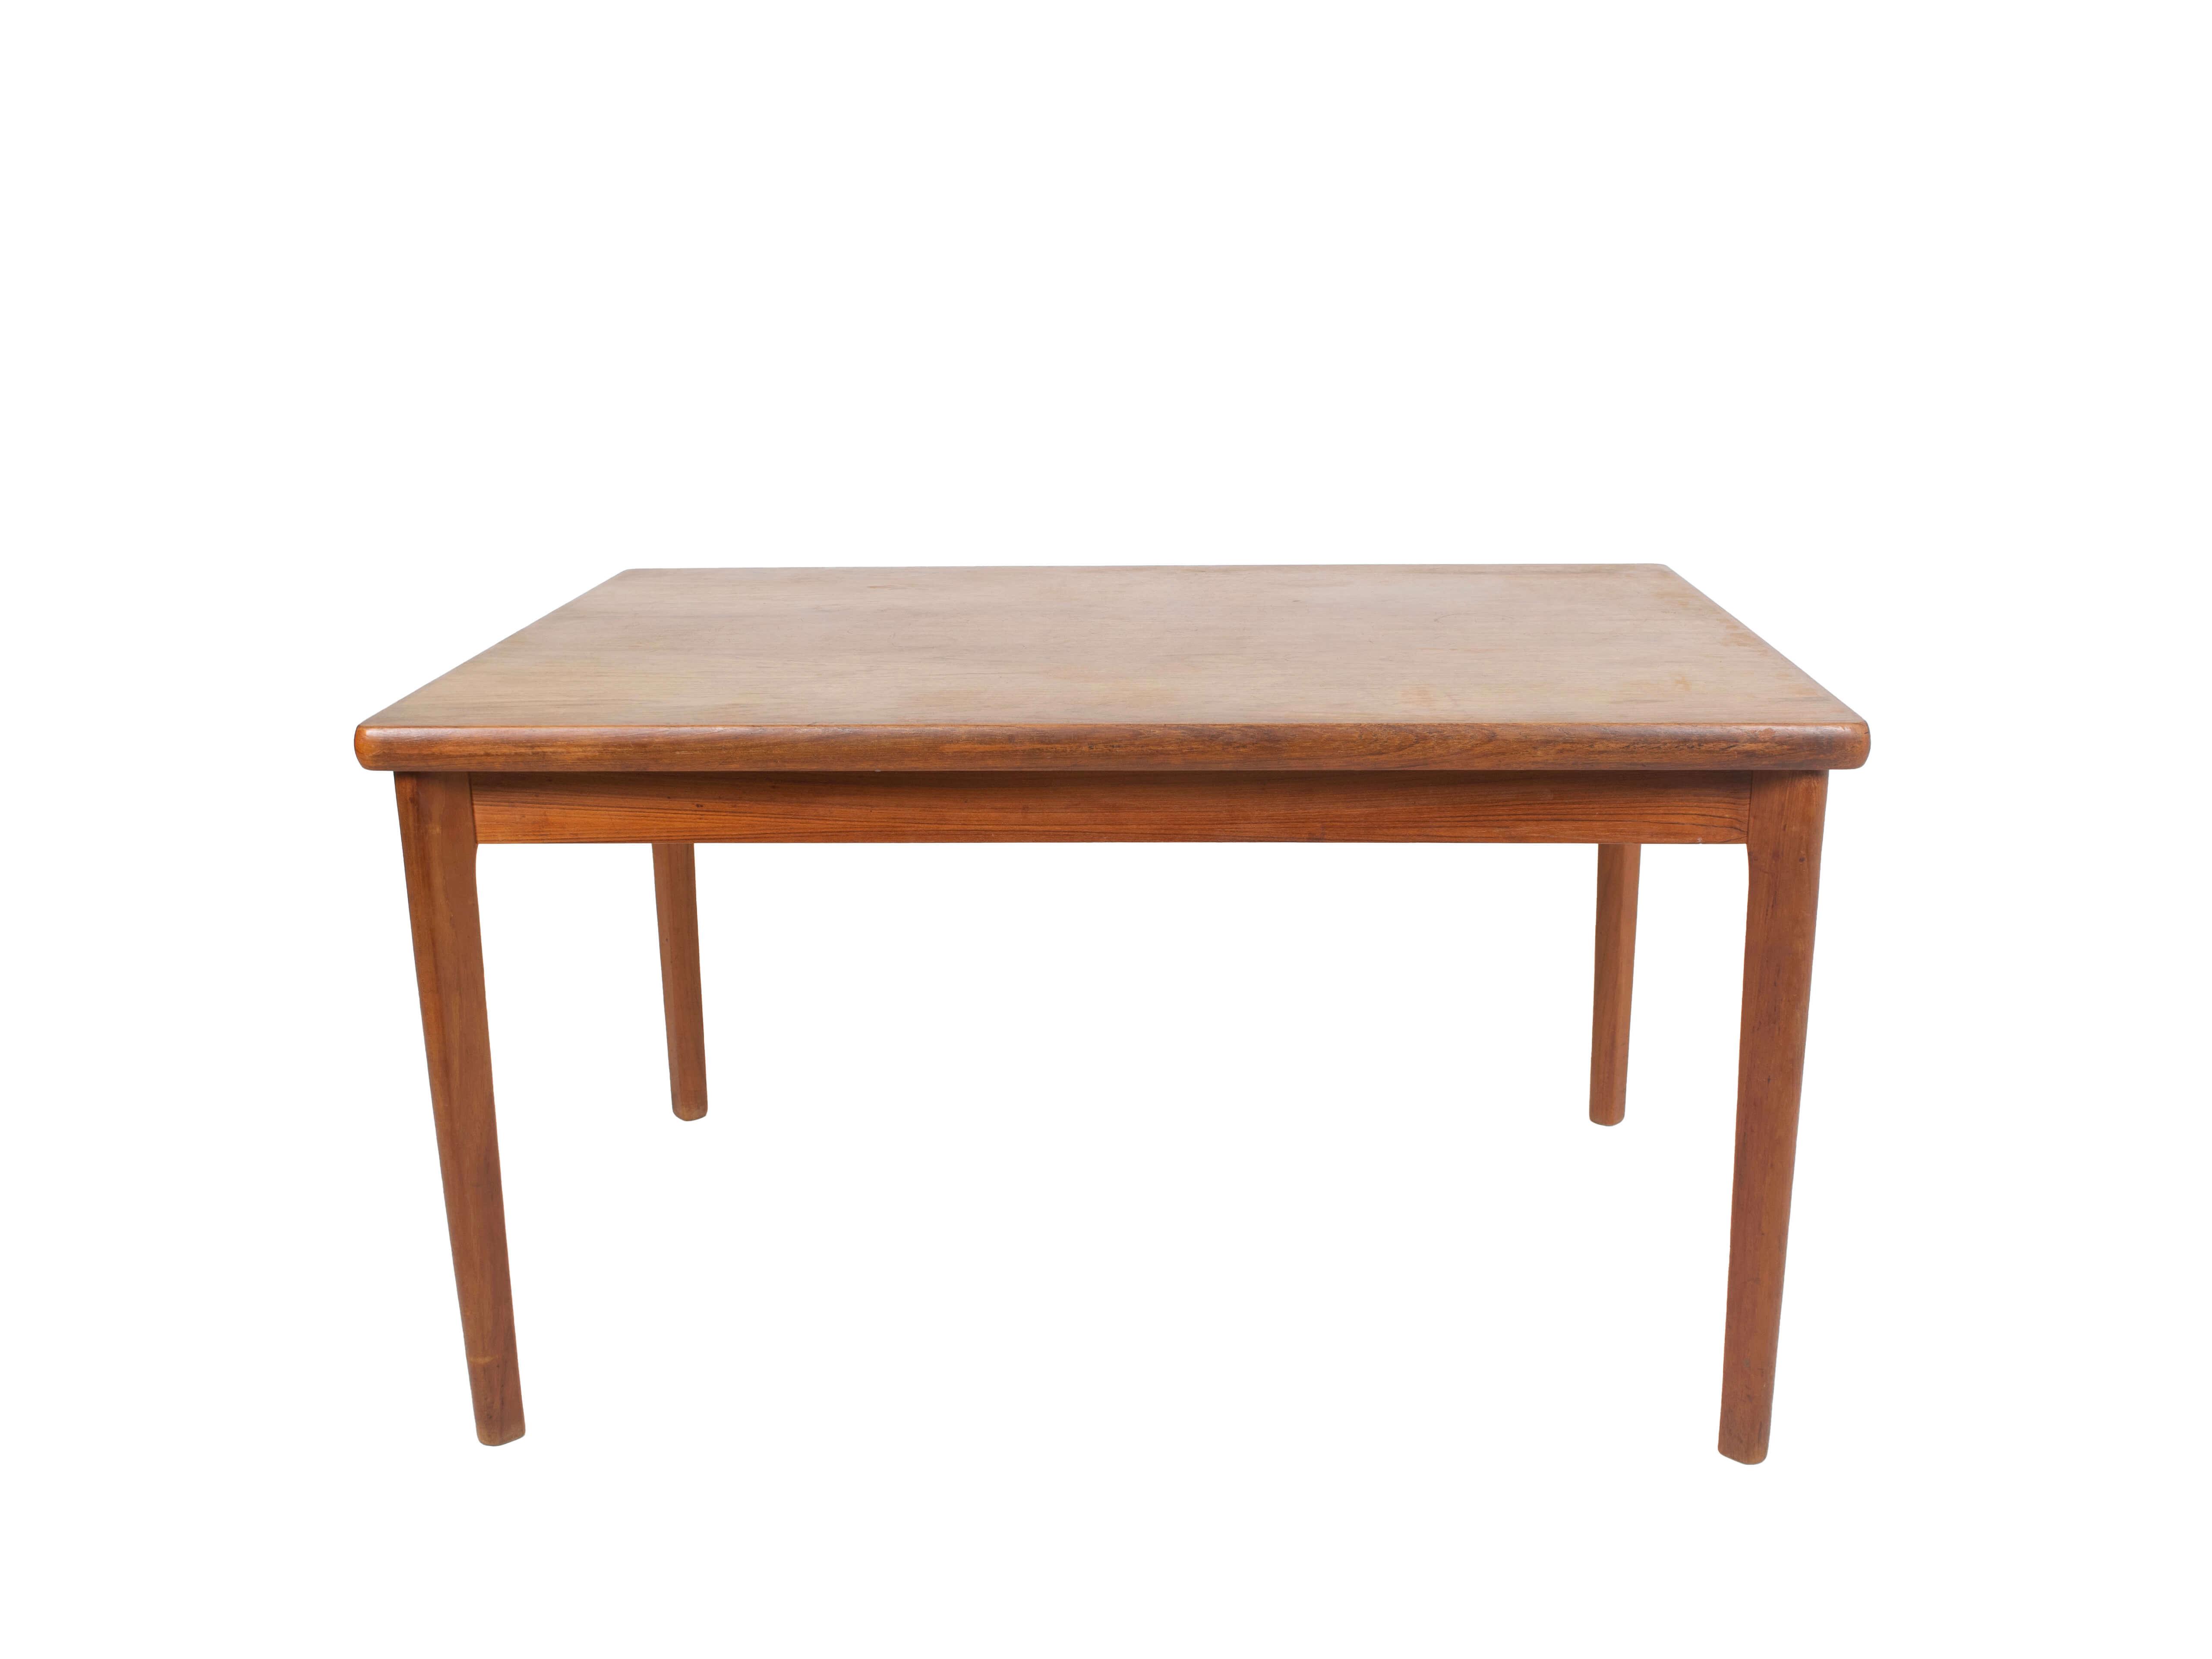 Extendable Teak Dining Table by Henning Kjaernulf, Denmark 1960s